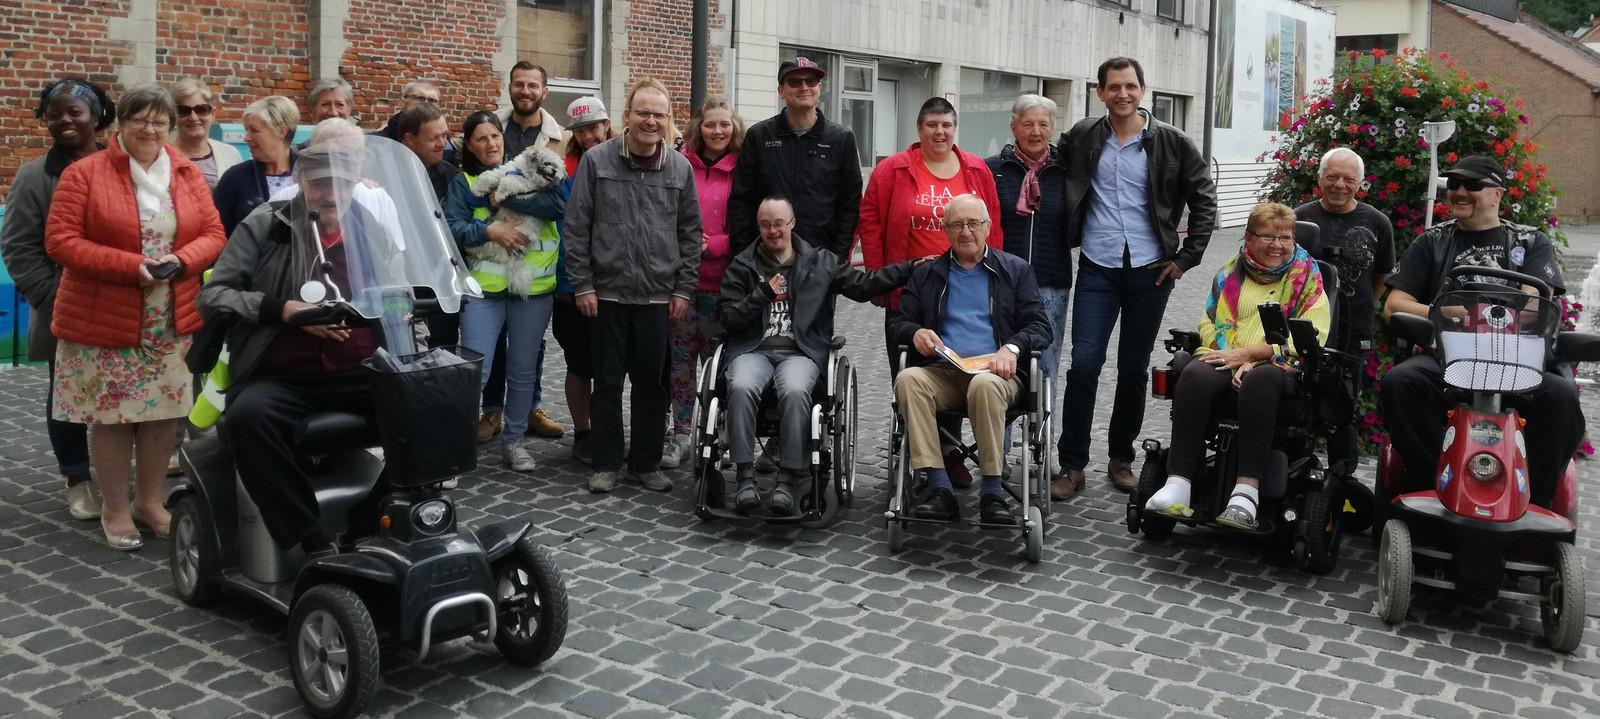 Zo'n 25 mensen namen deel aan de rolstoelwandeling in Diest.